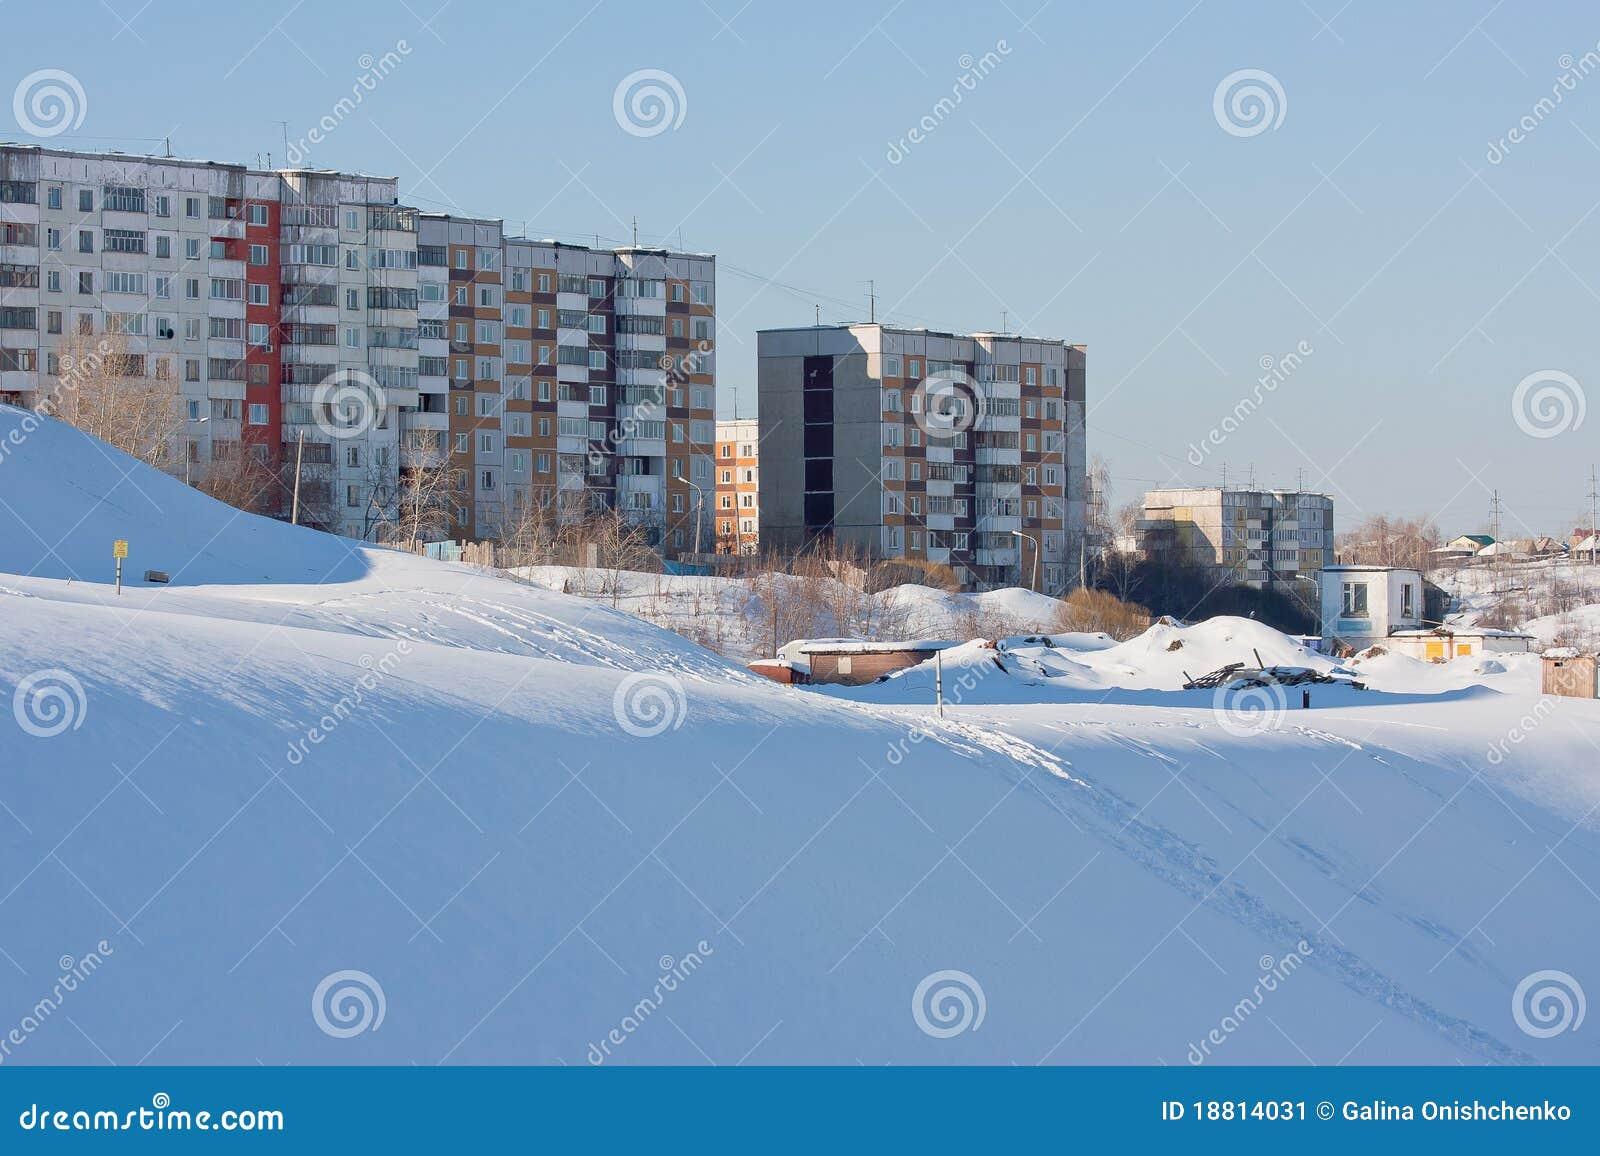 Nicken Wohnunghäuser auf Leid, Stadt Perm